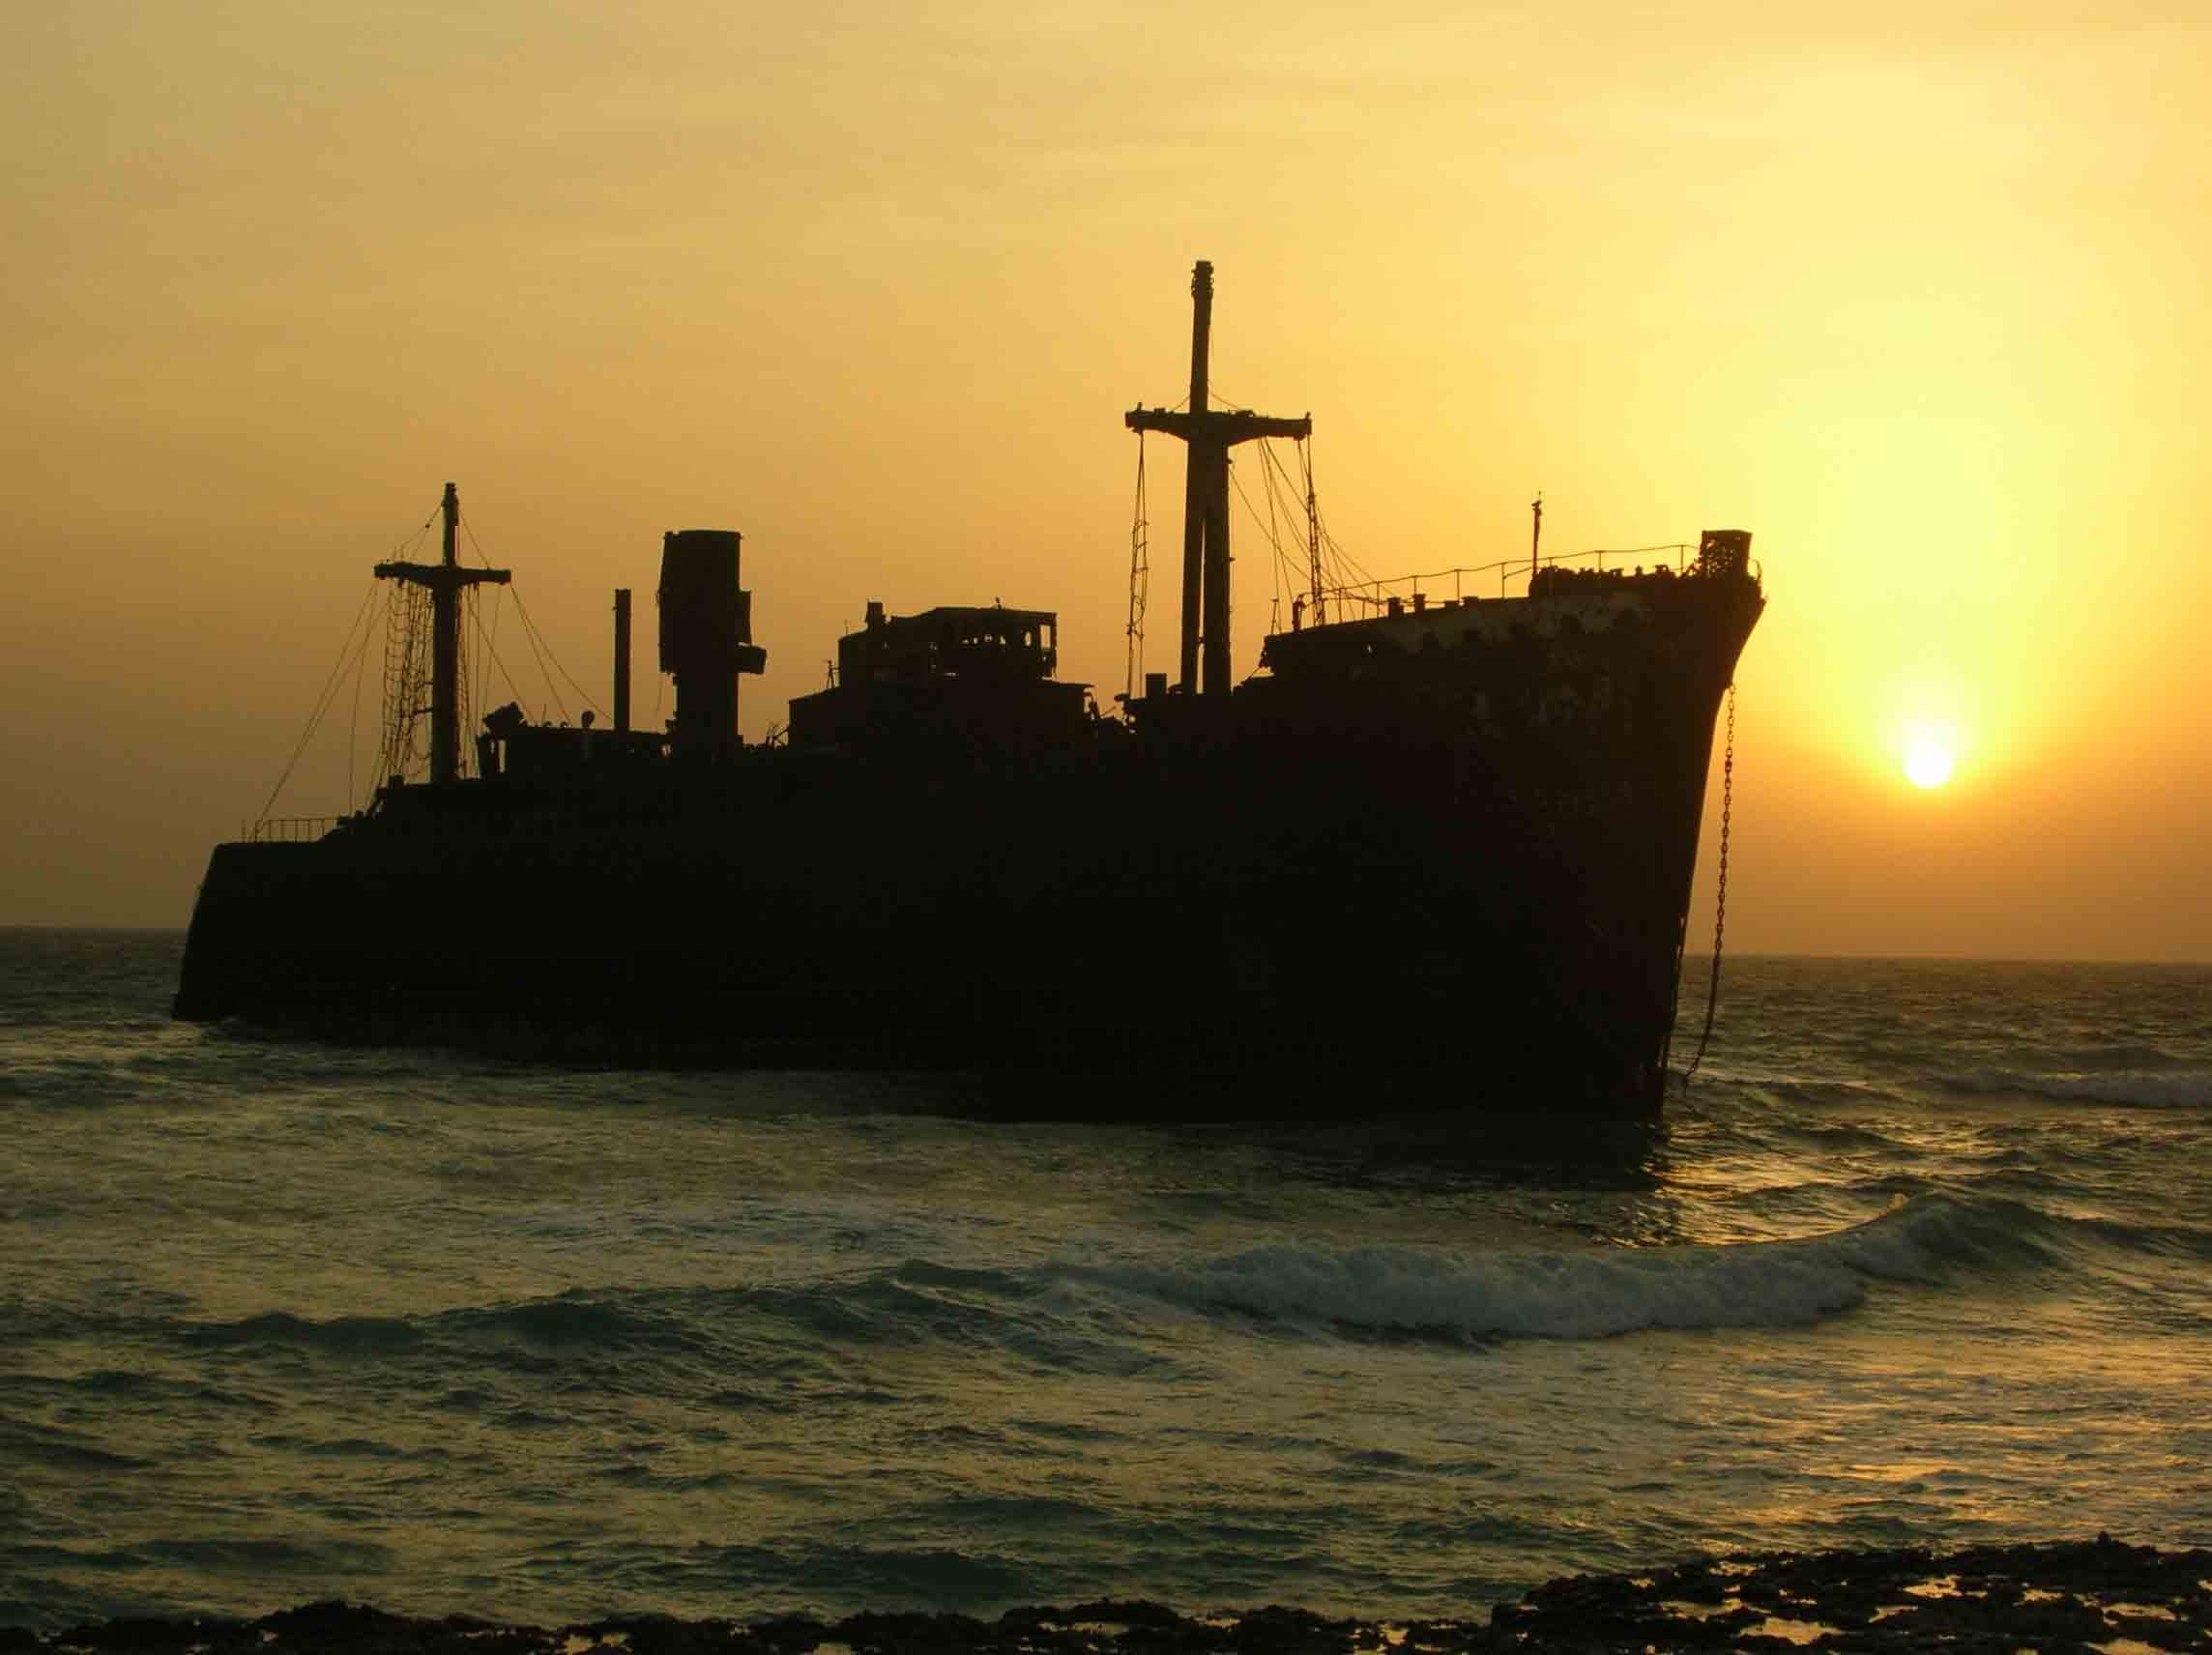 کشتی یونانی از دیگر جاذبه های کیش (Greek Ship in Kish)